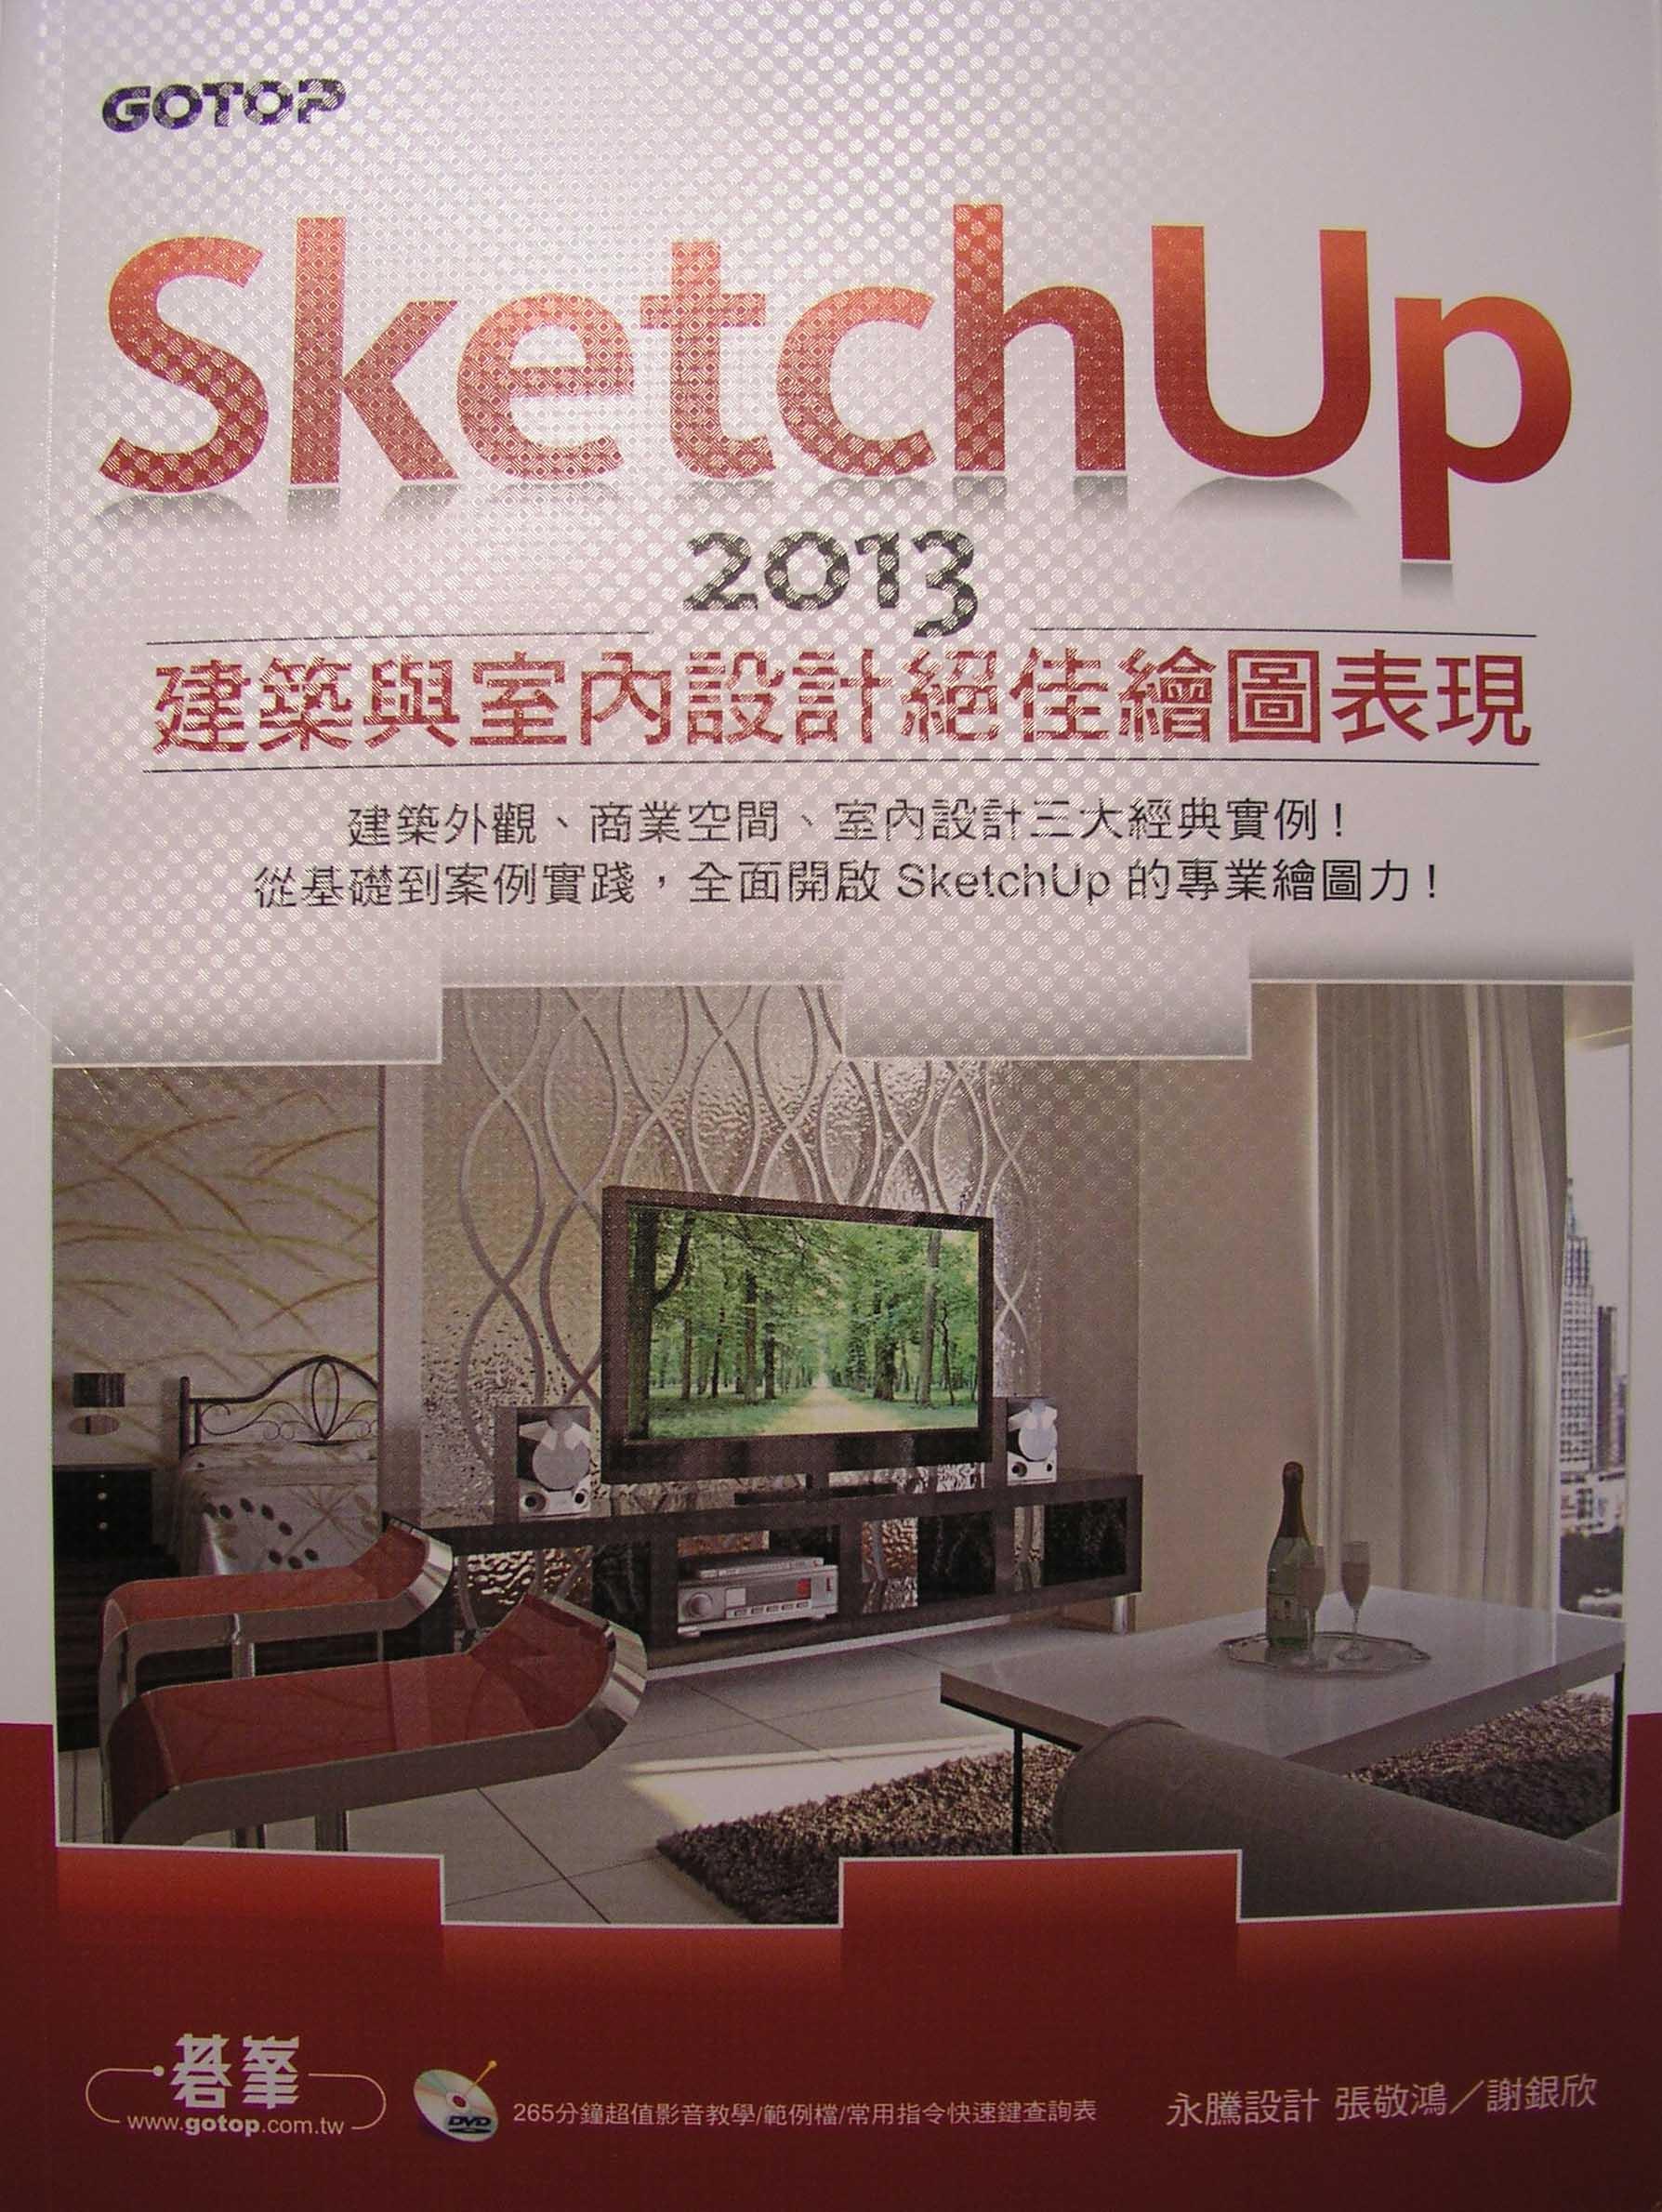 SketchUp 2013